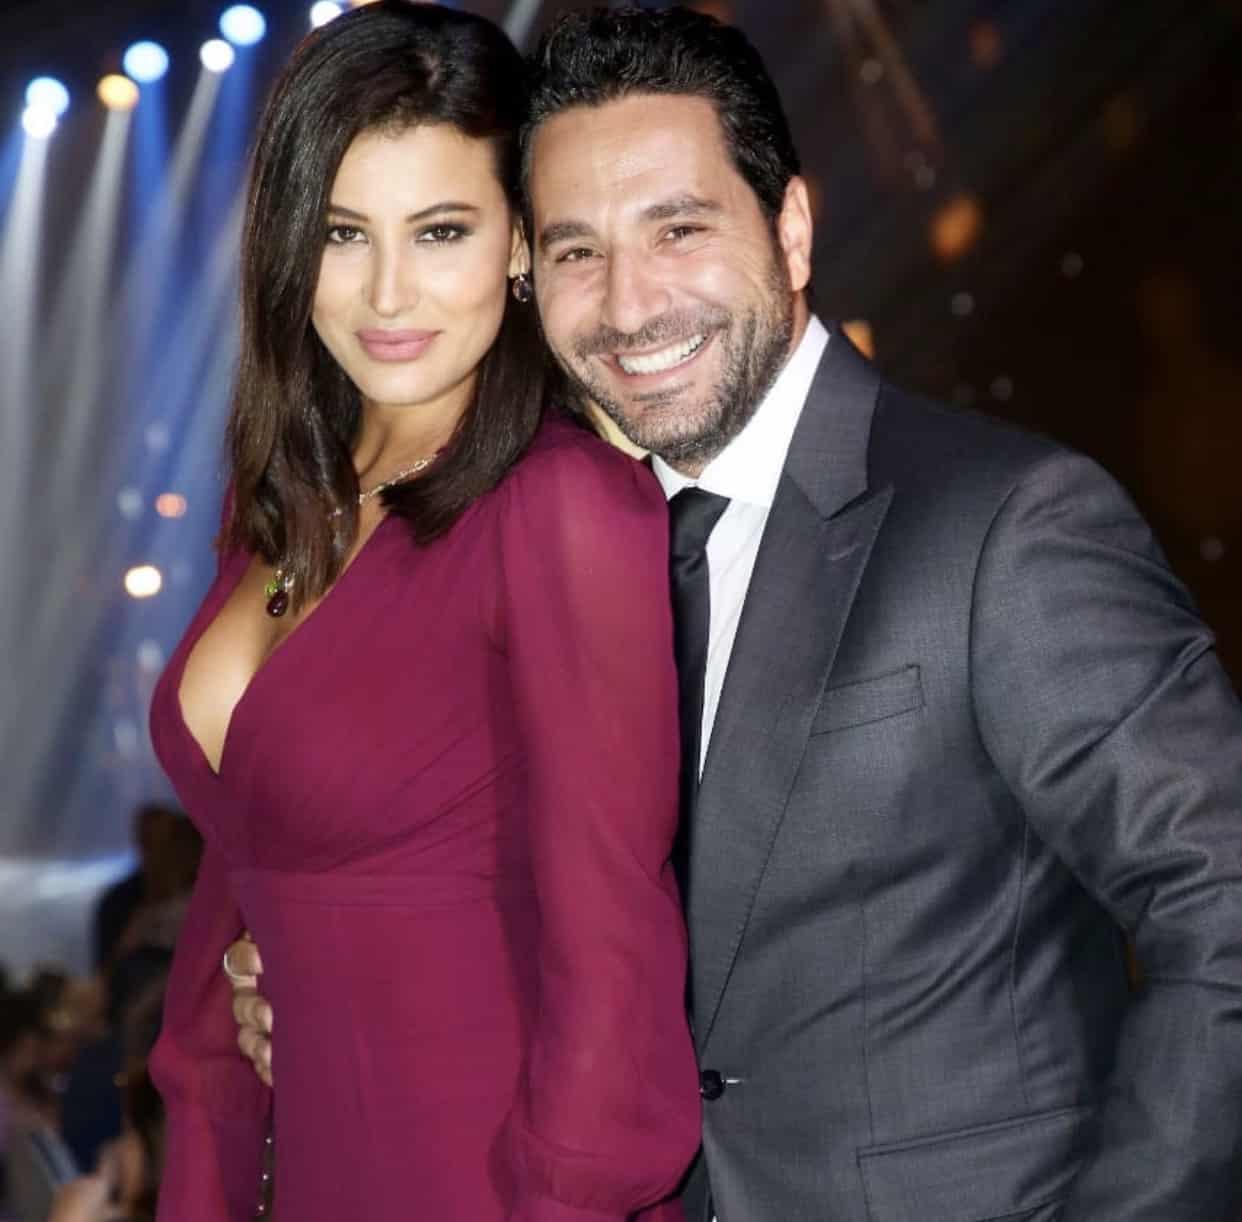 ريم السعيدي تحتفل بعيد ميلادها مع زوجها عن بعد أنا سلوى انا سلوى Anasalwa مشاهير